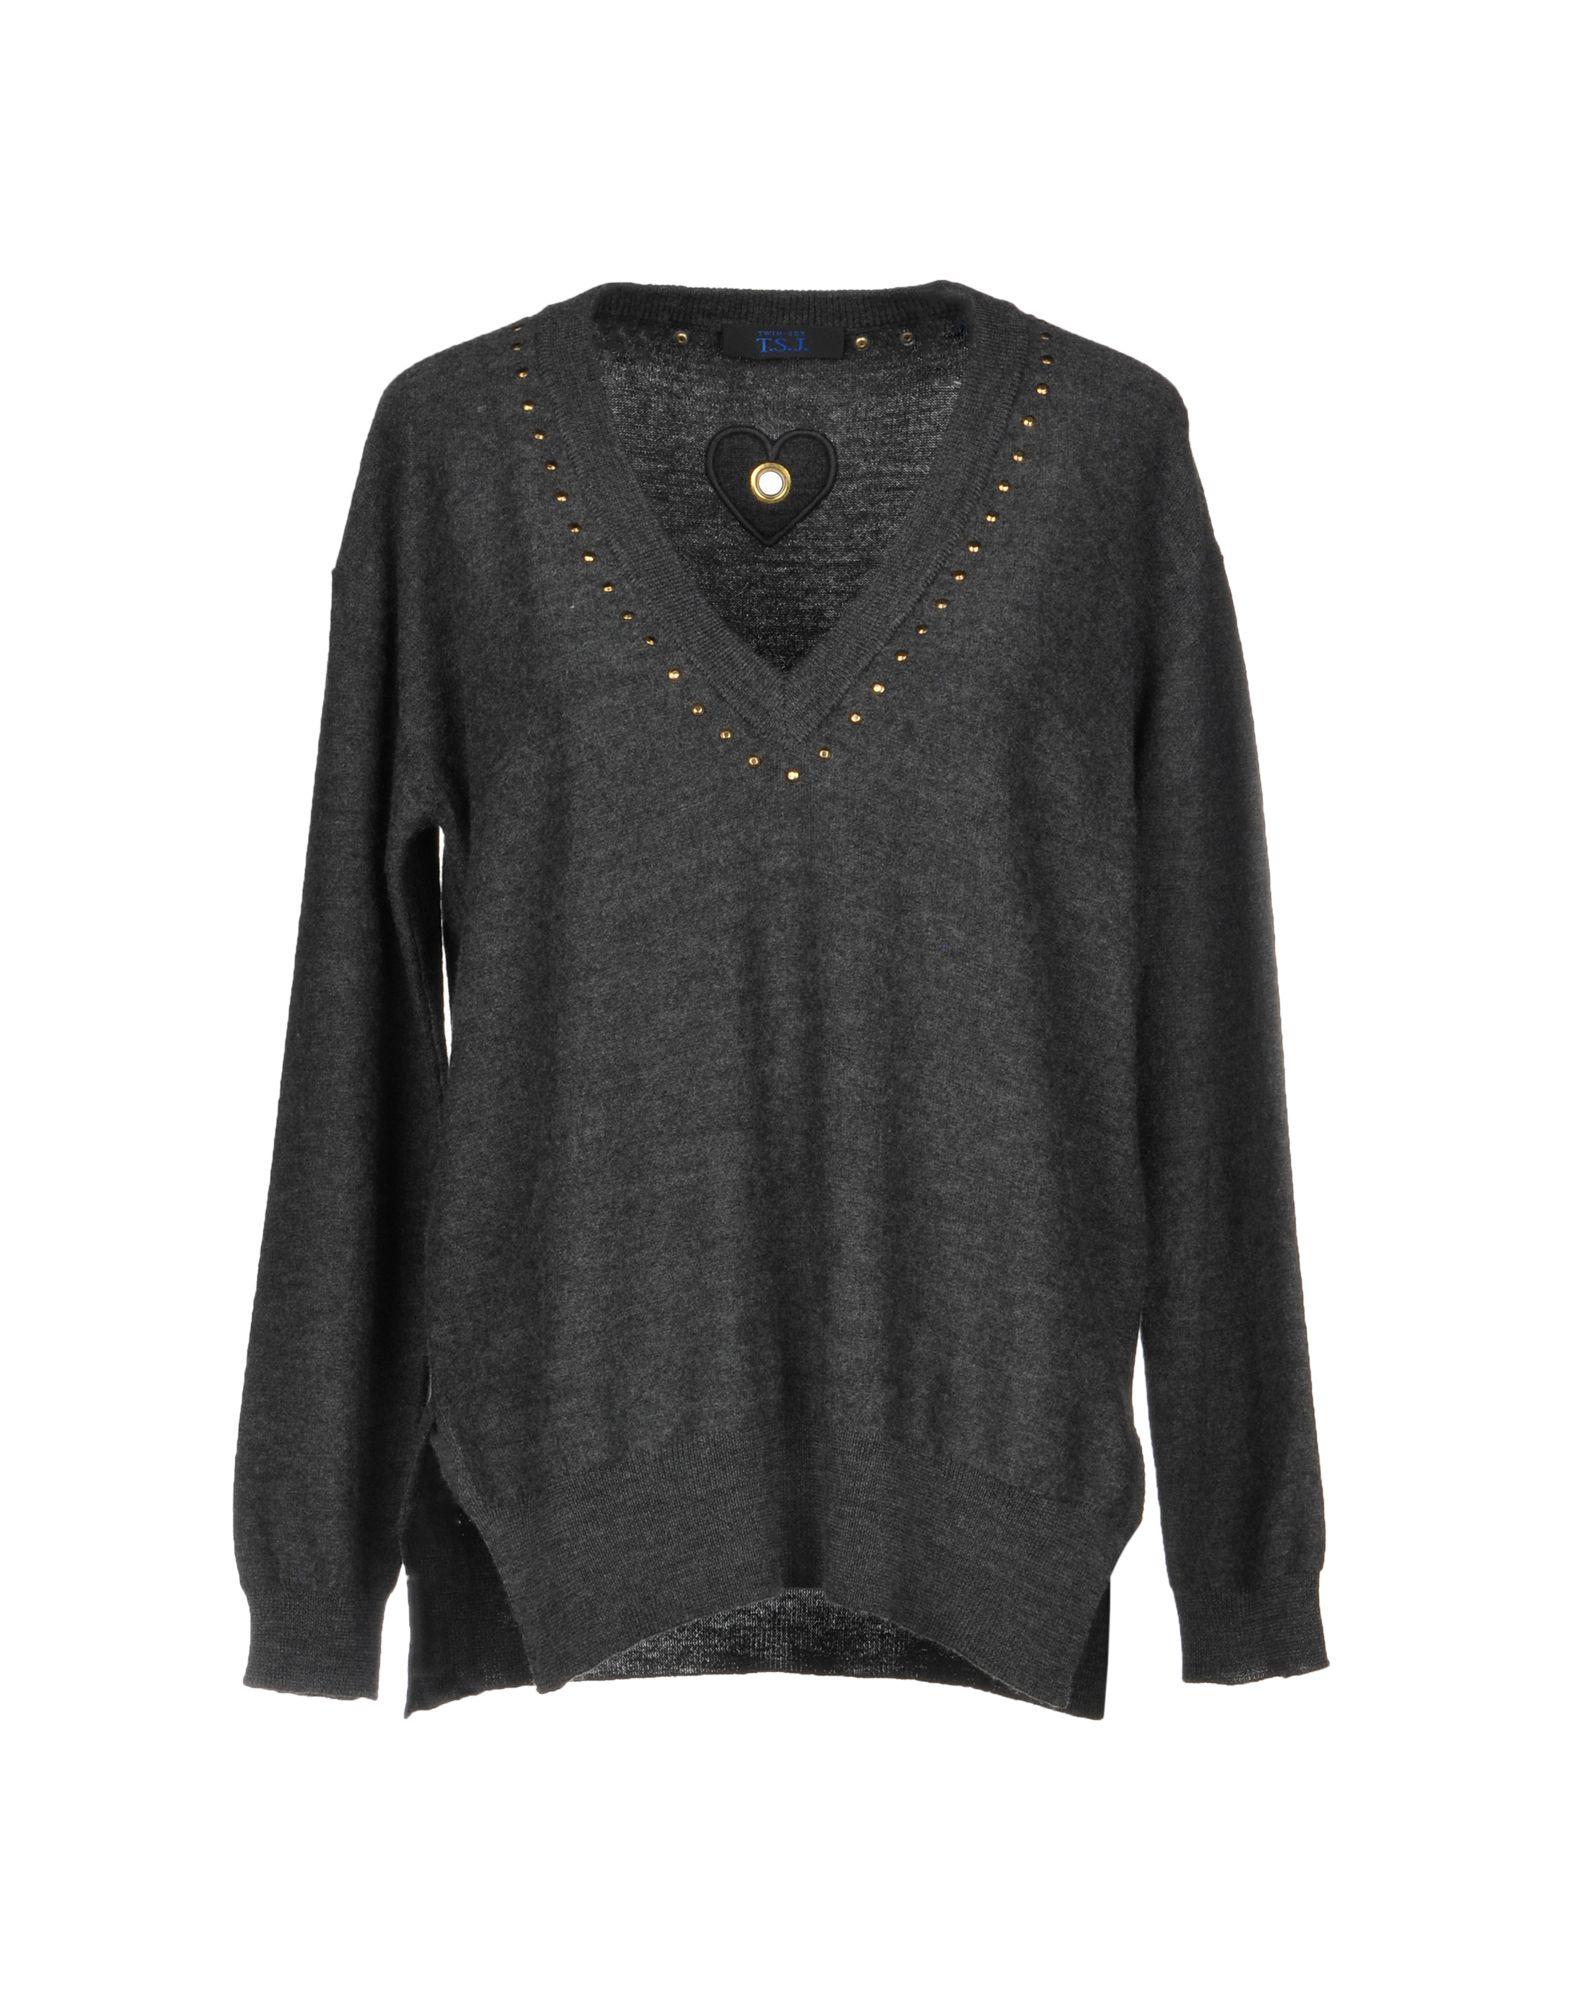 TWIN-SET JEANS Sweater in Lead